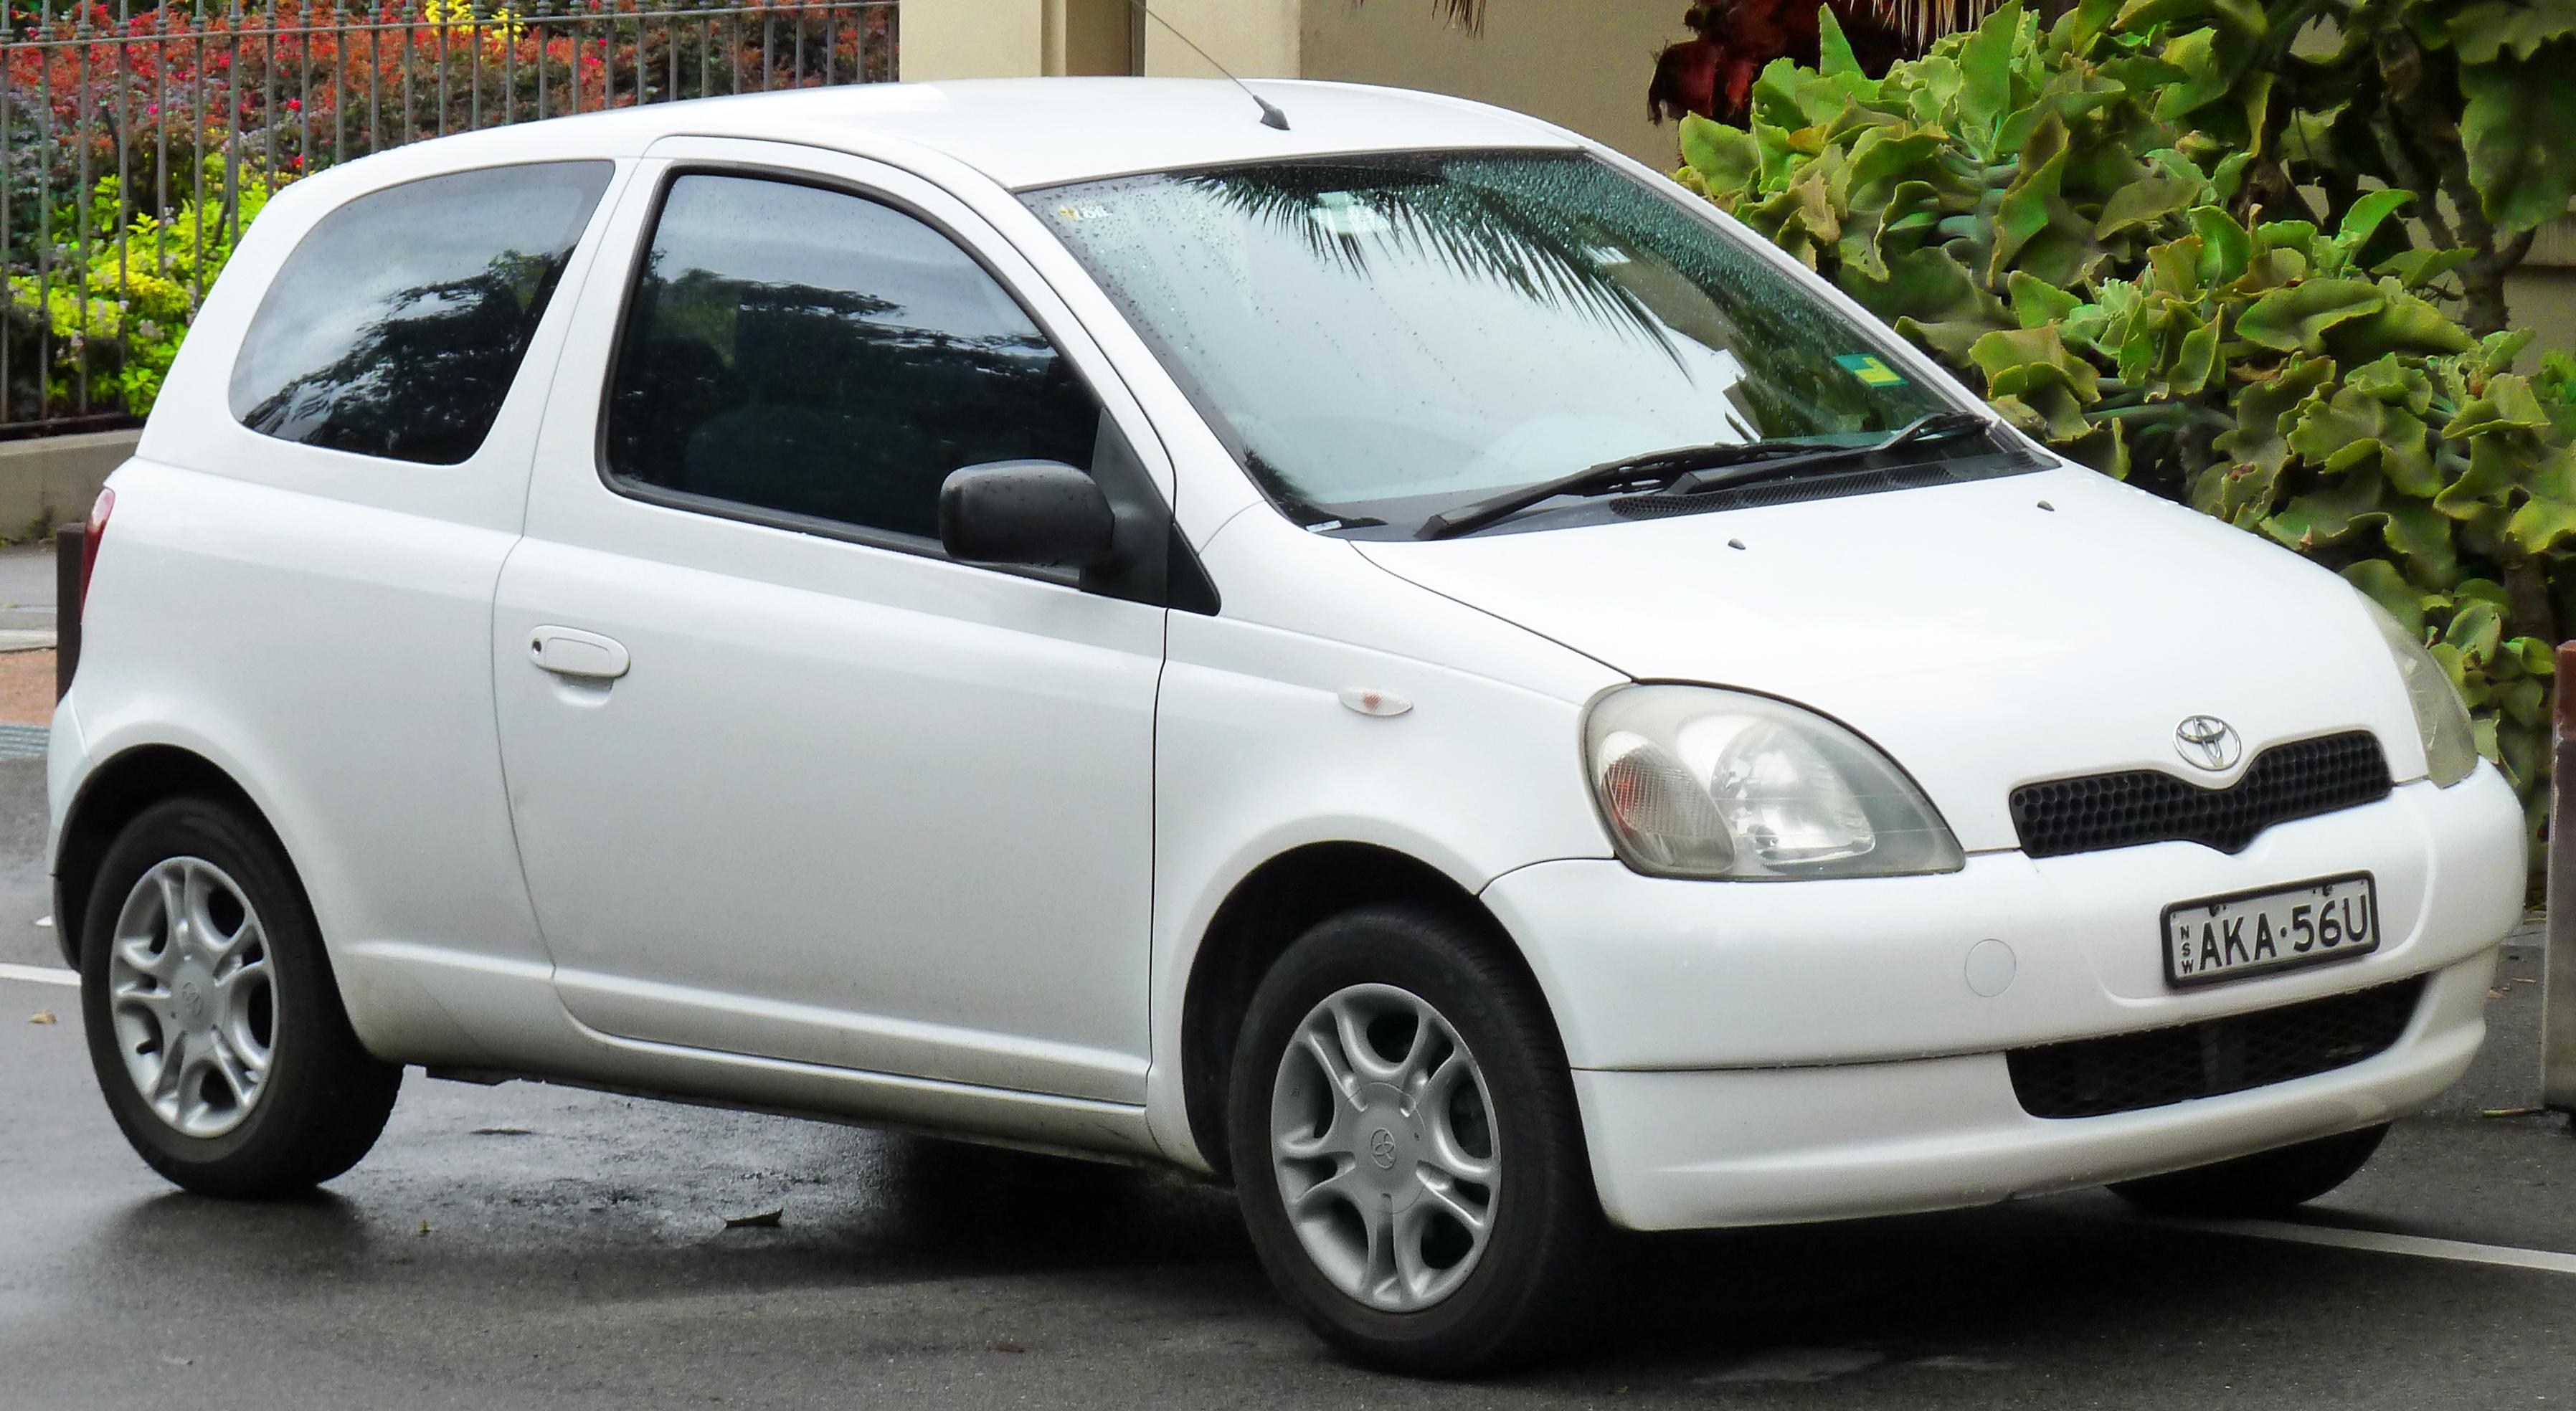 file 1999 2003 toyota echo ncp10r 3 door hatchback 2011